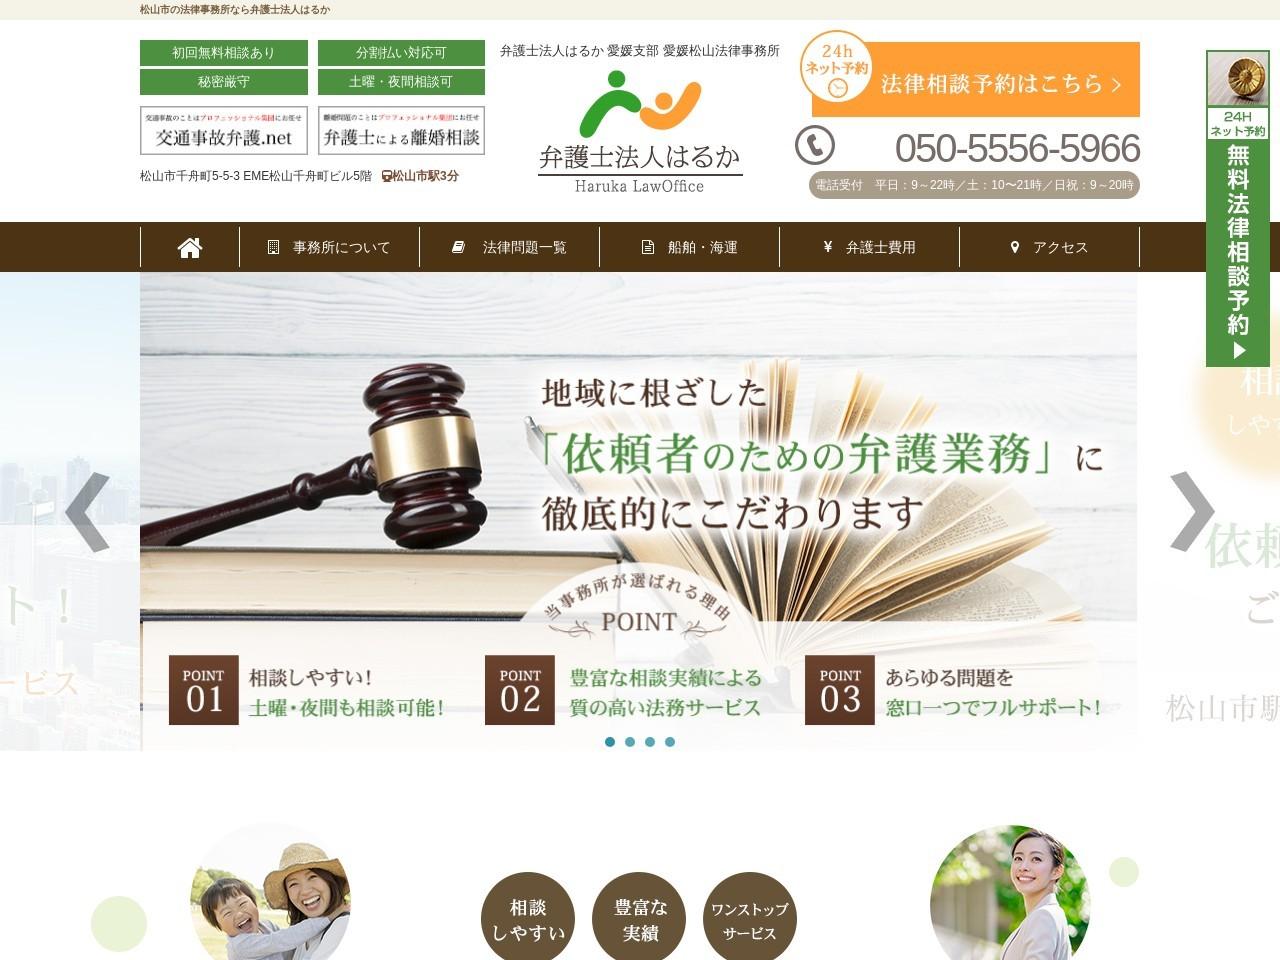 はるか愛媛支部愛媛松山法律事務所(弁護士法人)